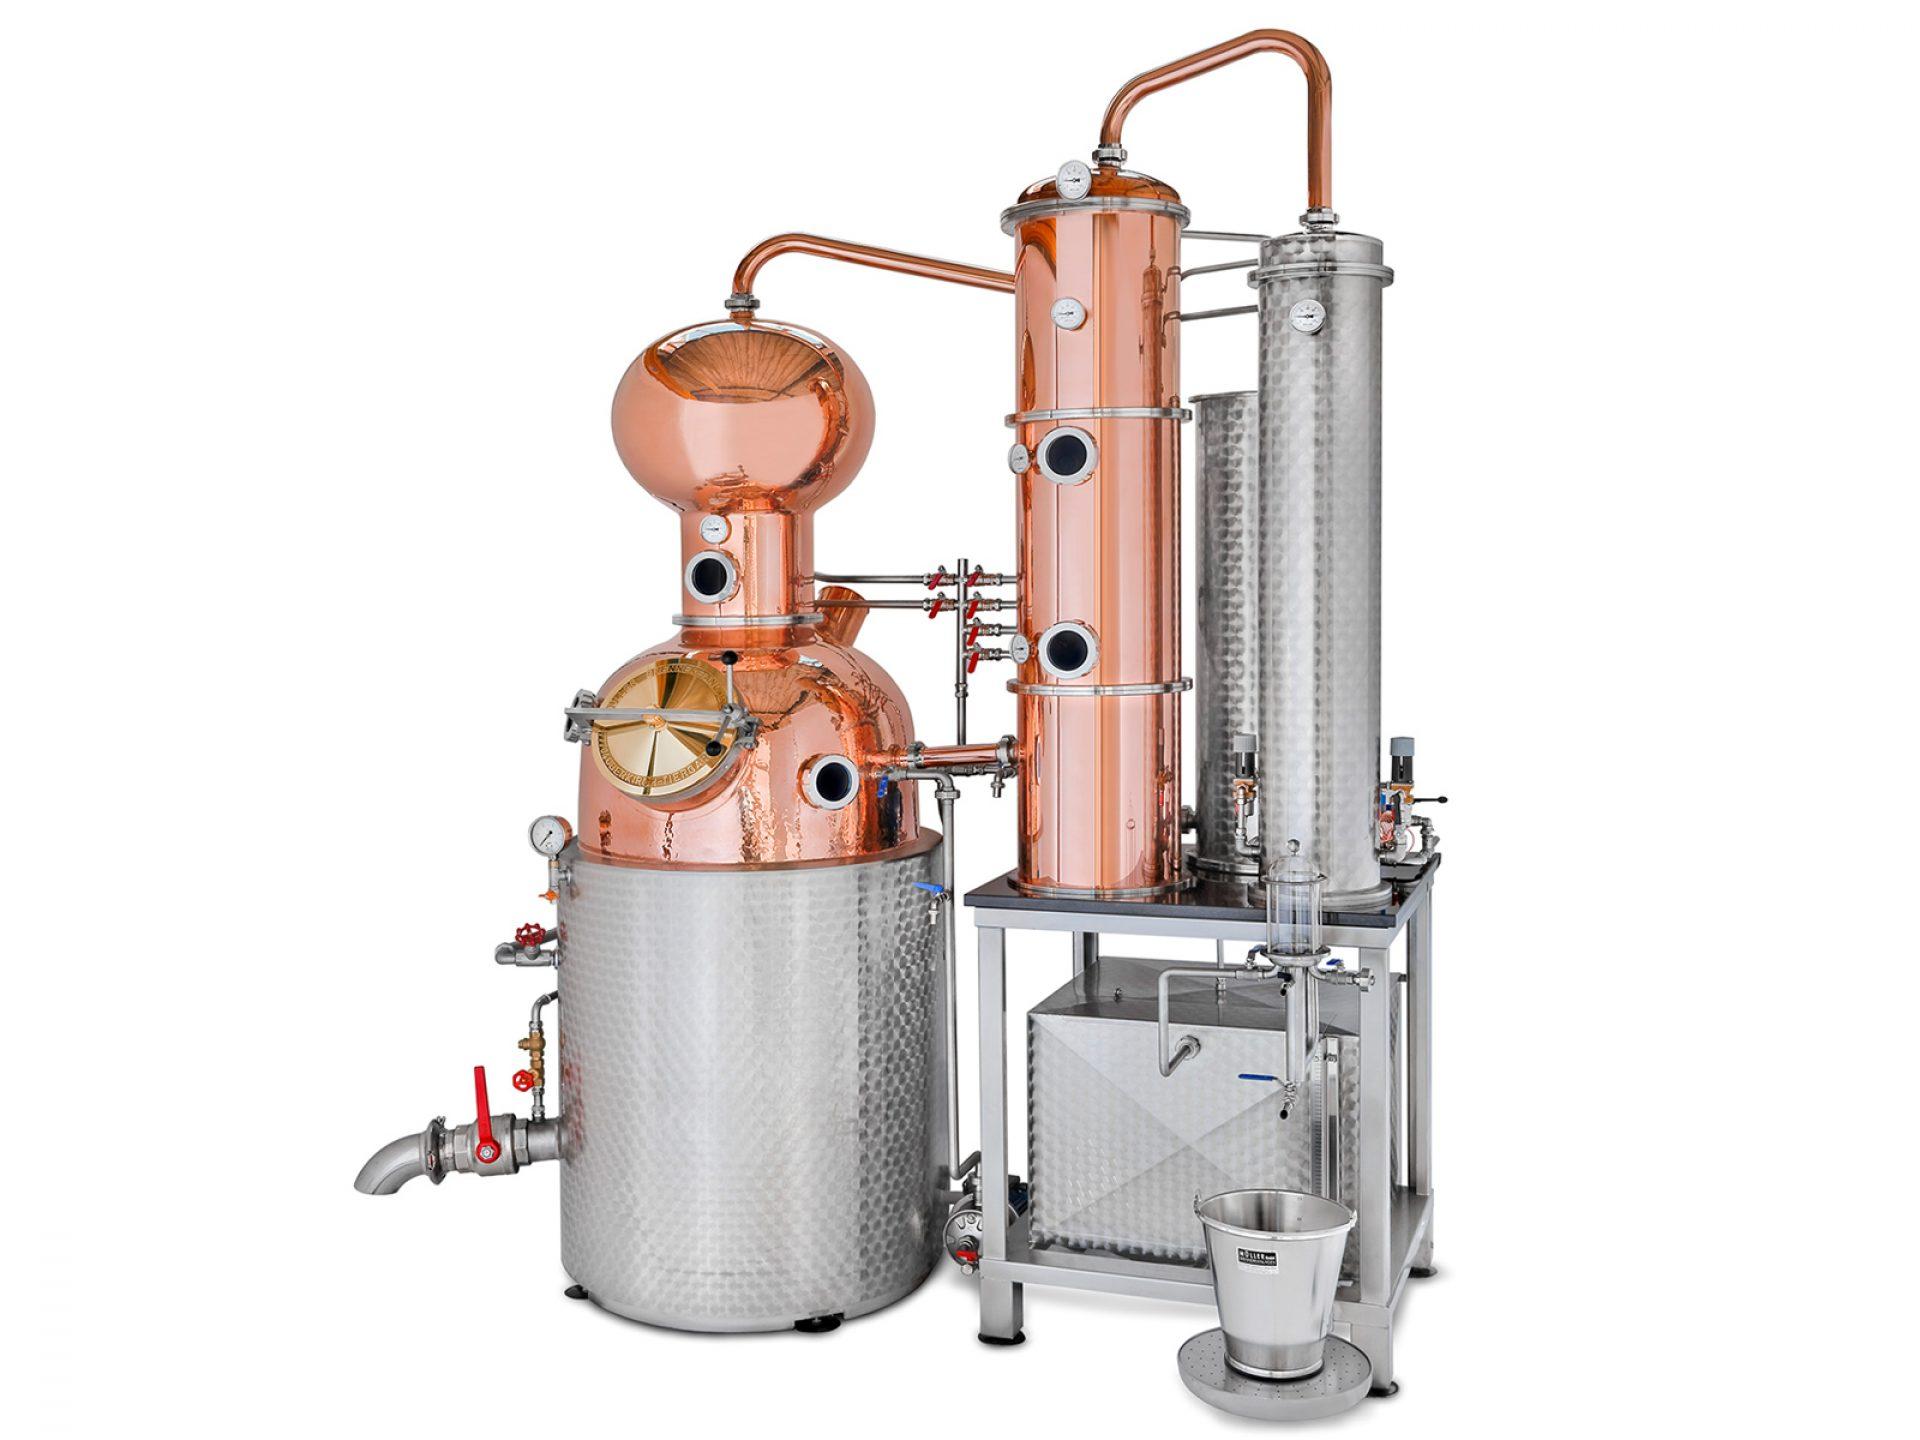 mueller-aromat-brennereianlage-destillieranlage-slide-03